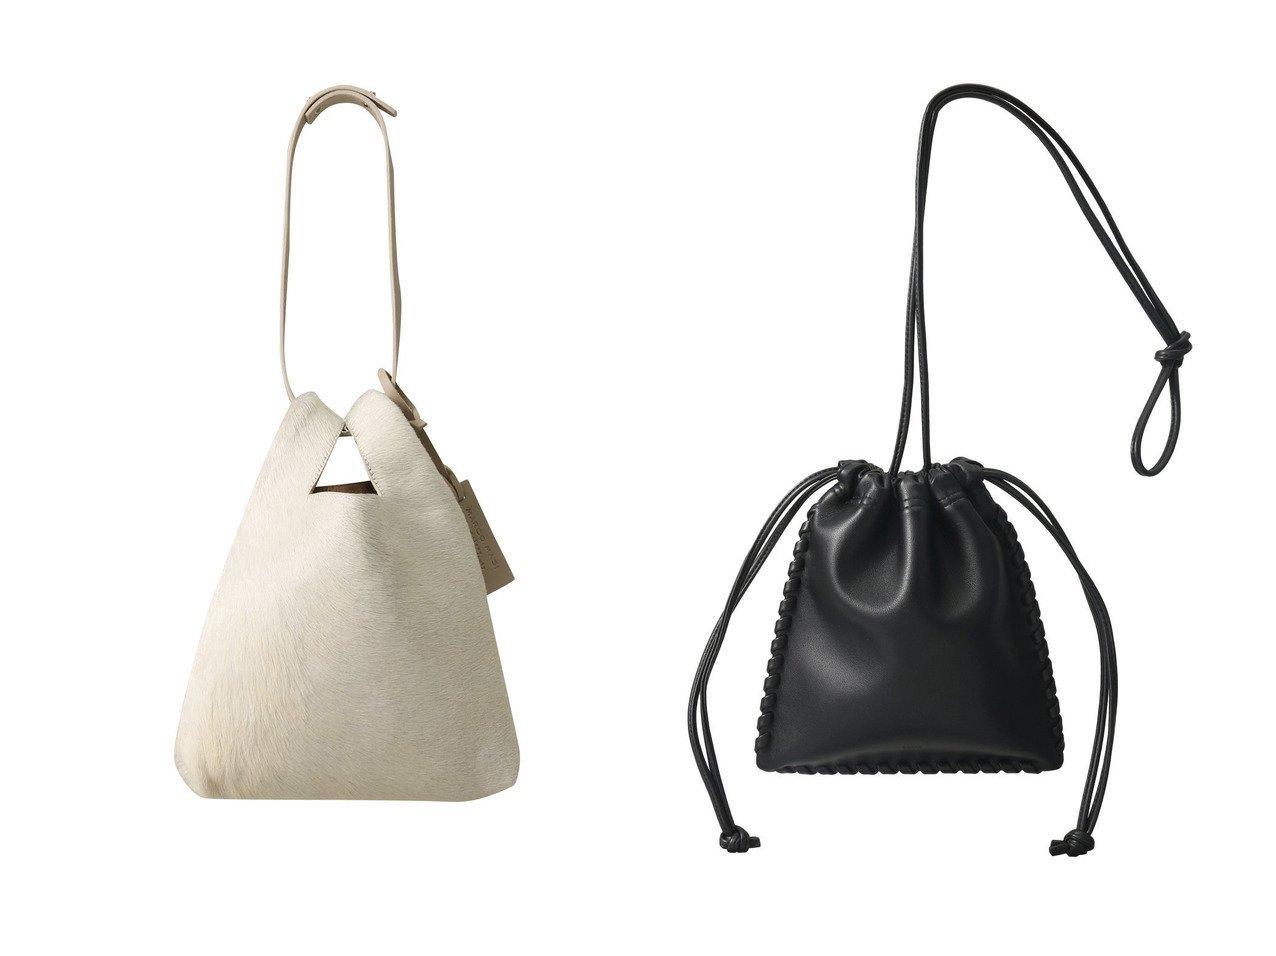 【MARCO MASI/マルコマージ】のヘアカーフ2wayハンドルバッグ&【VASIC/ヴァジック】のWells Mini Mini 2way巾着ショルダーバッグ バッグ・鞄のおすすめ!人気トレンド・レディースファッションの通販 おすすめで人気のファッション通販商品 インテリア・家具・キッズファッション・メンズファッション・レディースファッション・服の通販 founy(ファニー) https://founy.com/ ファッション Fashion レディース WOMEN バッグ Bag ハンドバッグ A/W 秋冬 Autumn &  Winter エレガント ショルダー ポシェット ロング 巾着  ID:crp329100000006086